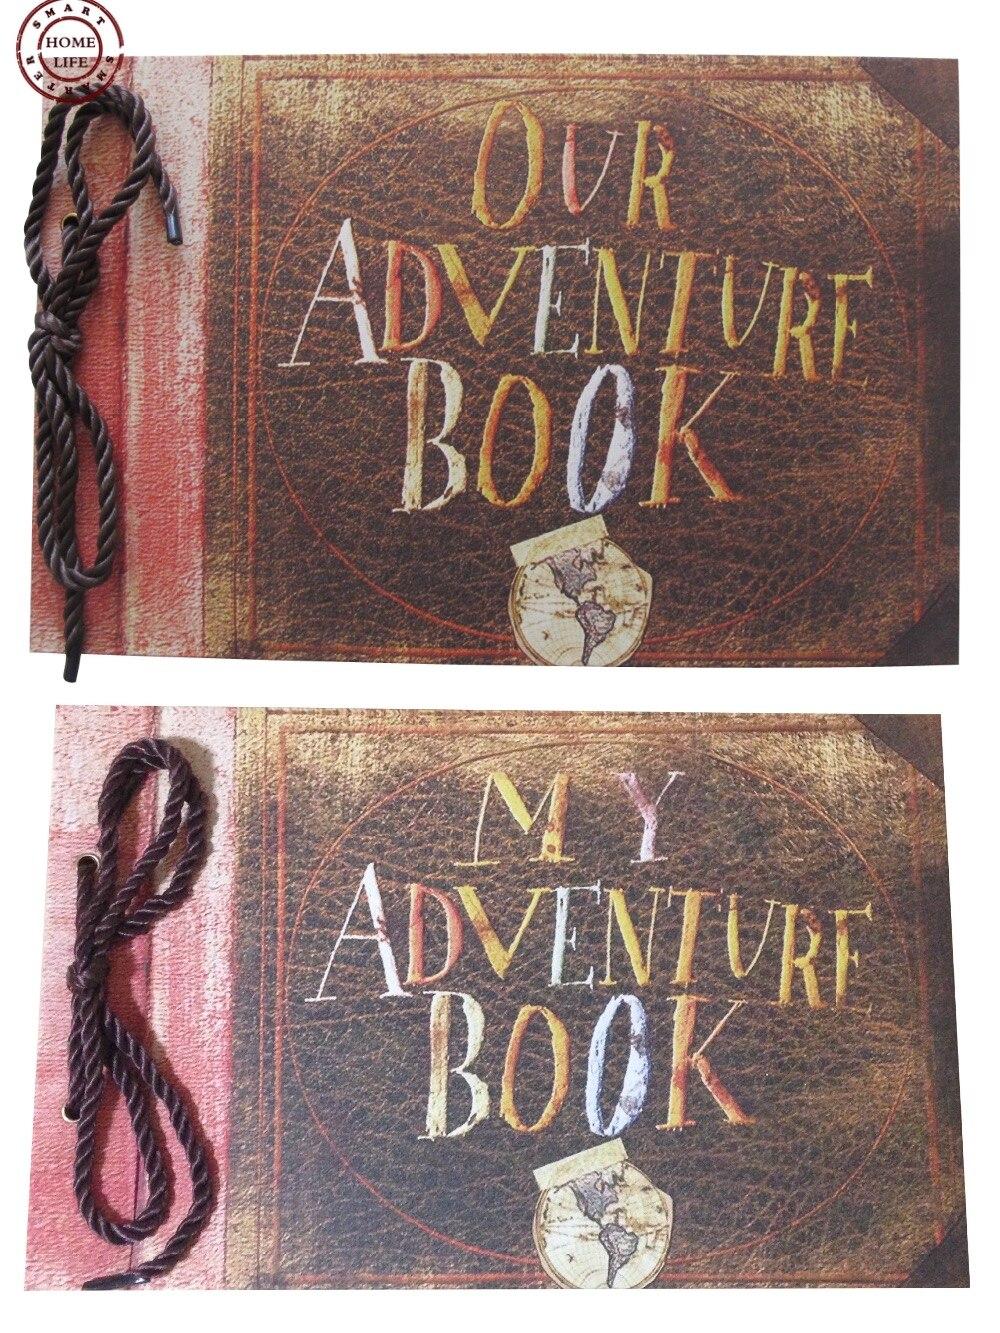 Наше приключение книги и мой приключенческие книги, Pixar Up фильм записки, свадебный фотоальбом, Юбилей подарки